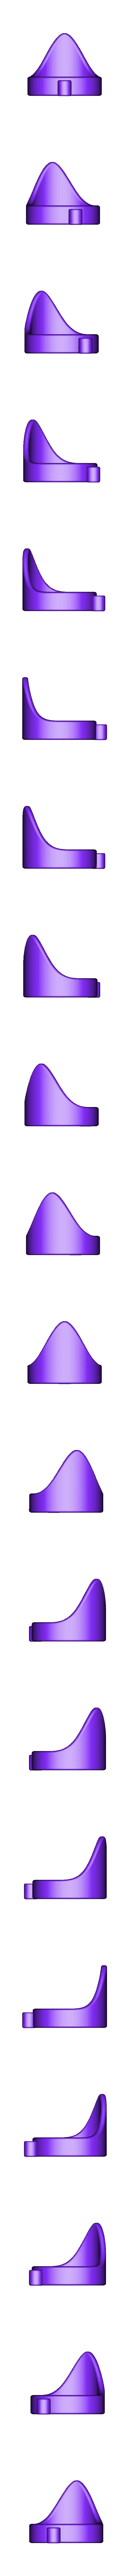 finger2.stl Télécharger fichier STL gratuit Kara Kesh (arme de poing goa'uld) • Plan pour imprimante 3D, poblocki1982